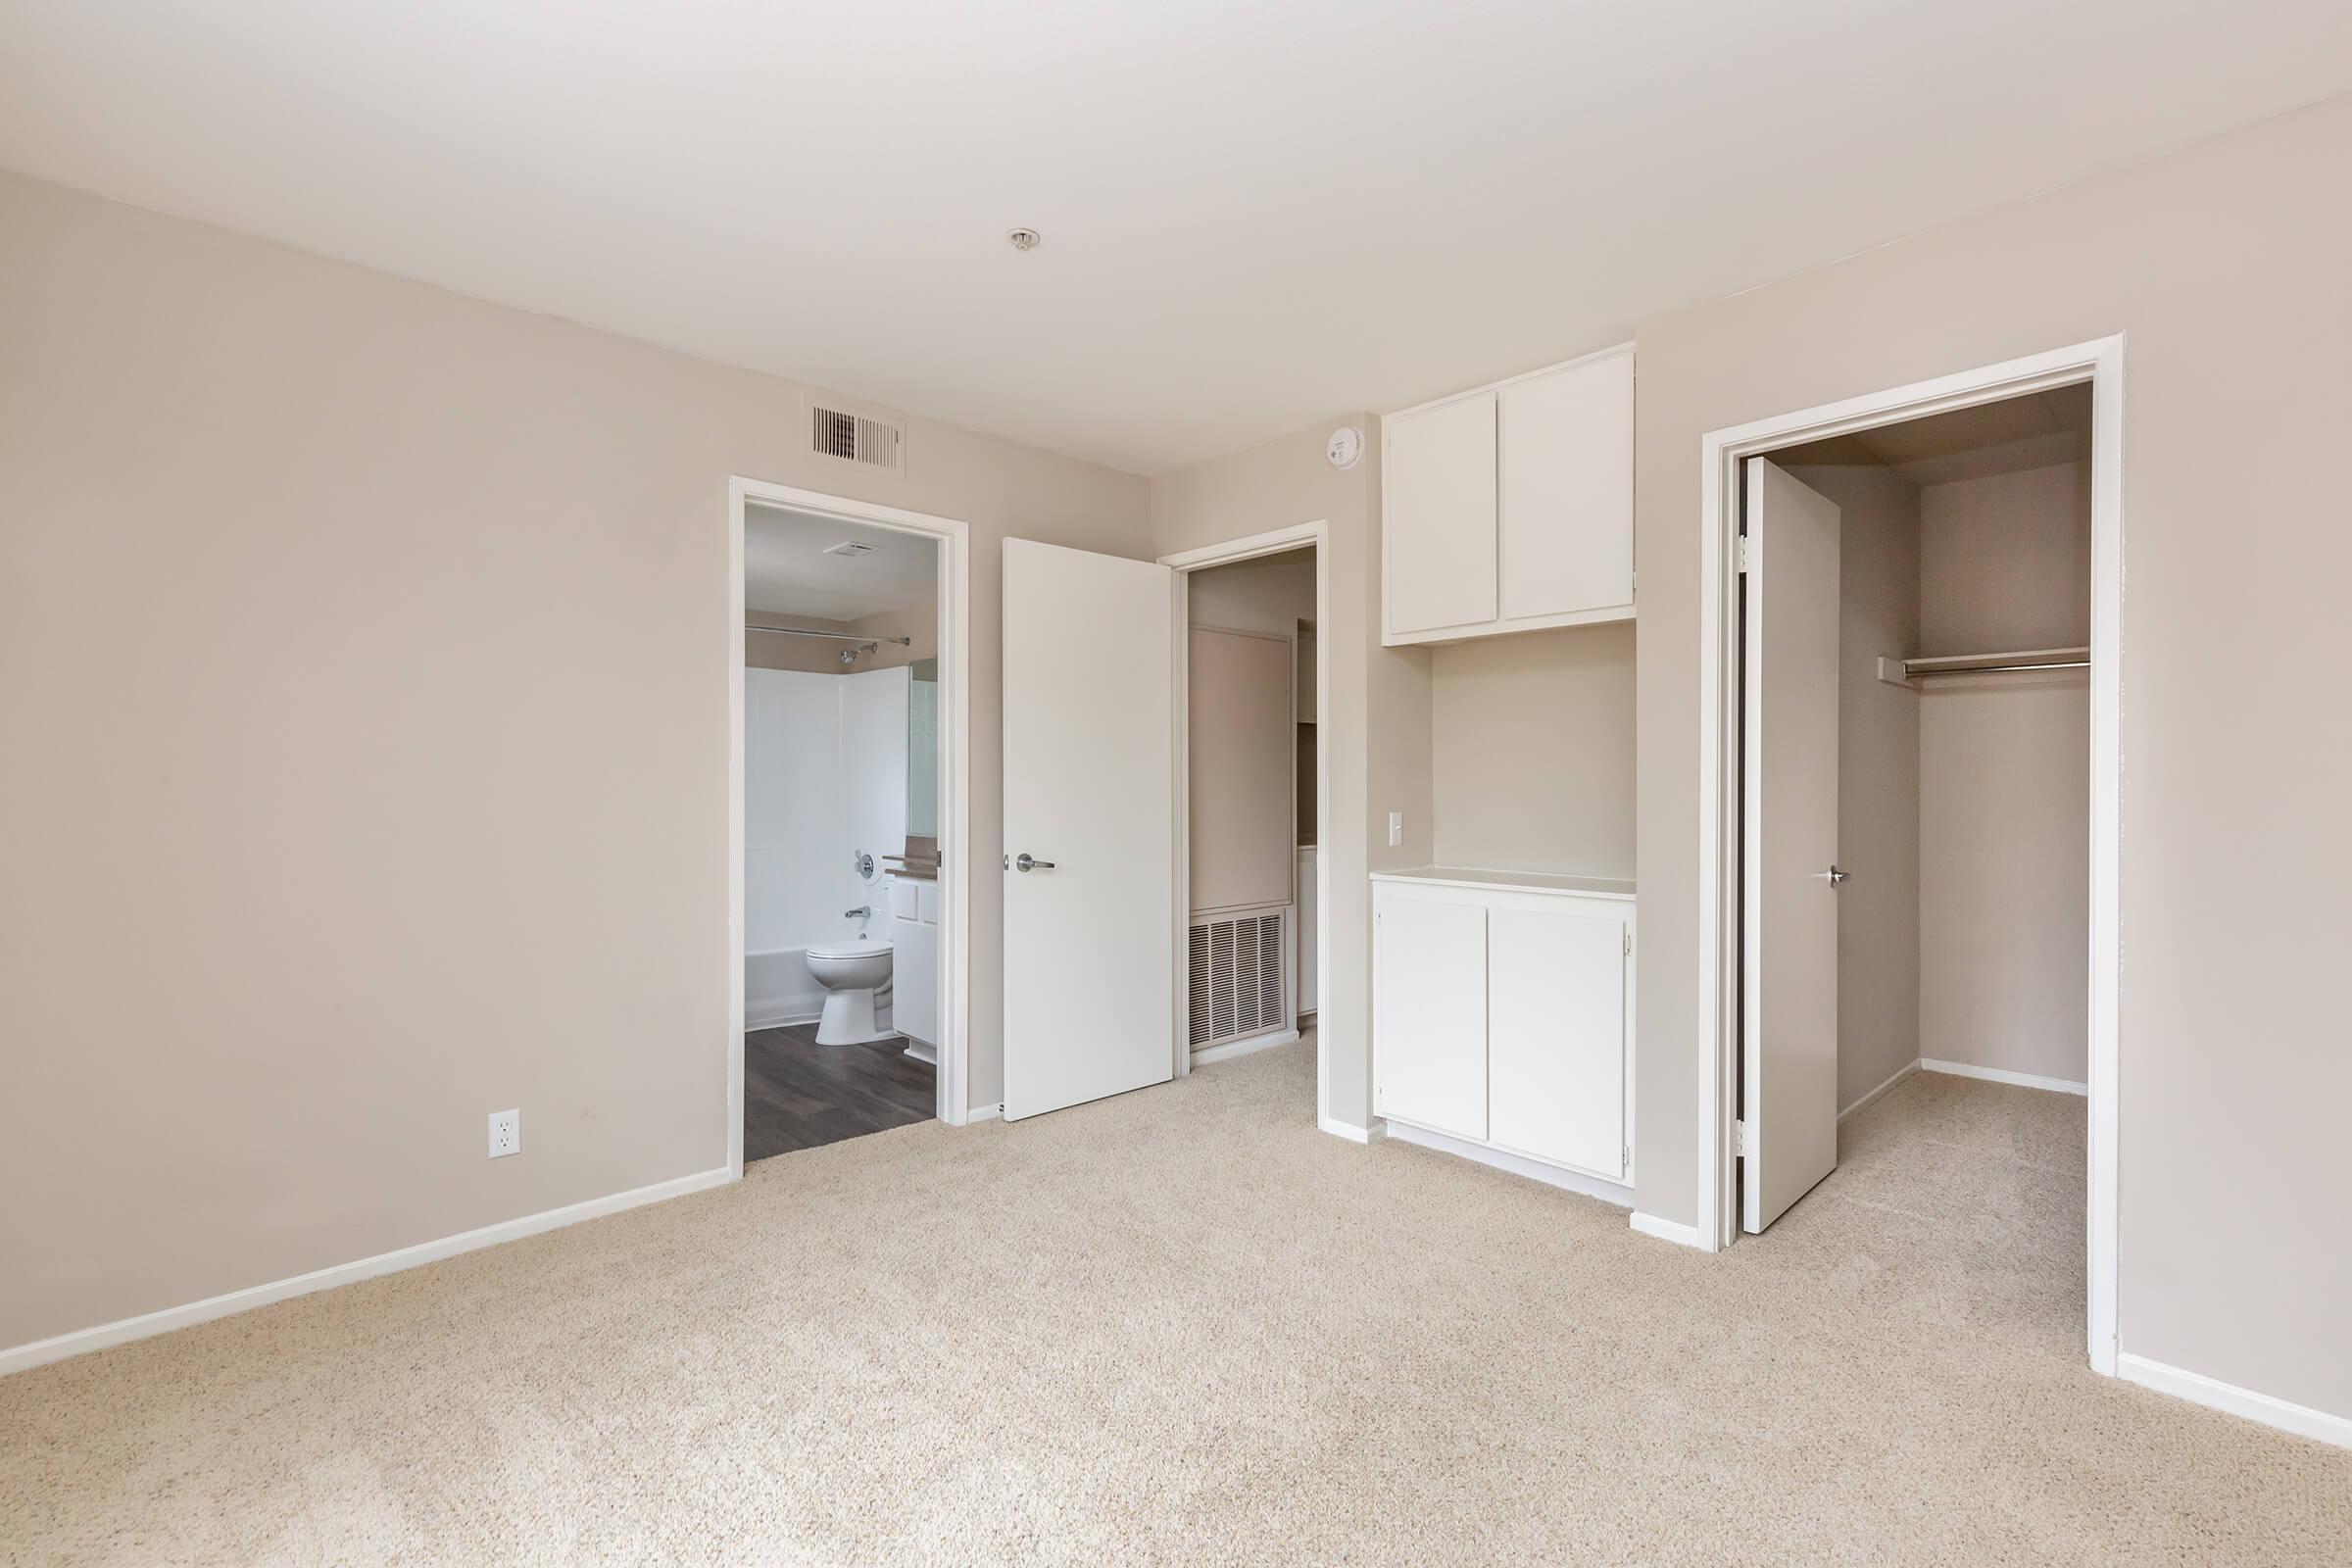 Vacant bedroom with open walk-in closet and bathroom doors